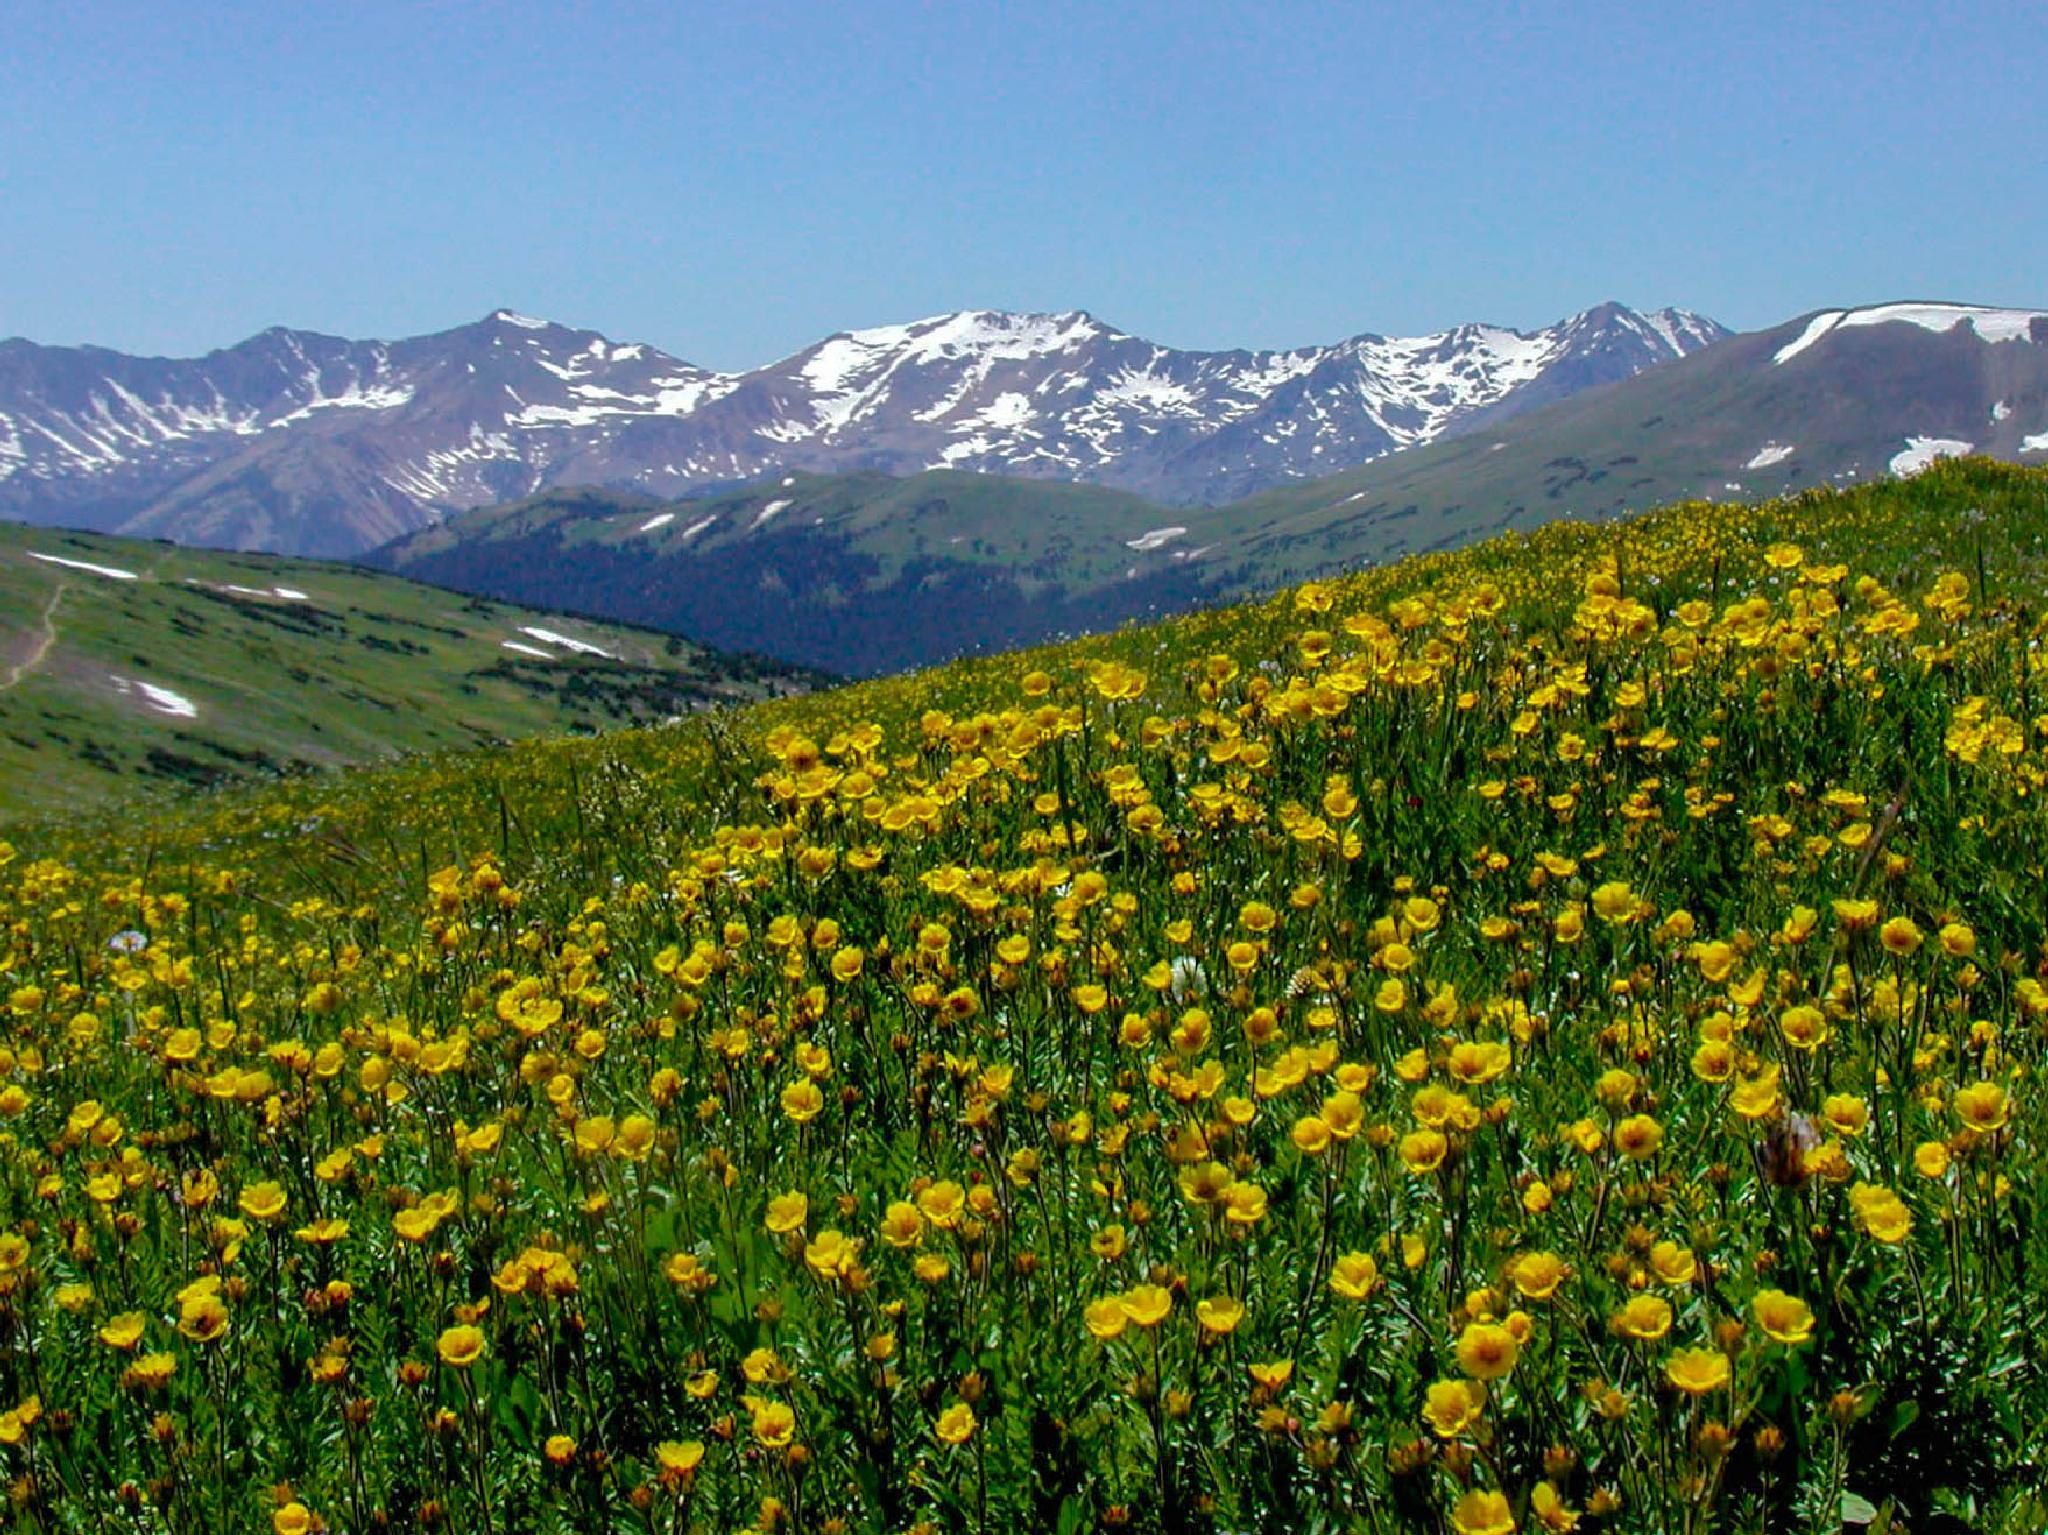 Rocky Mountain Fields by Mark Hootman